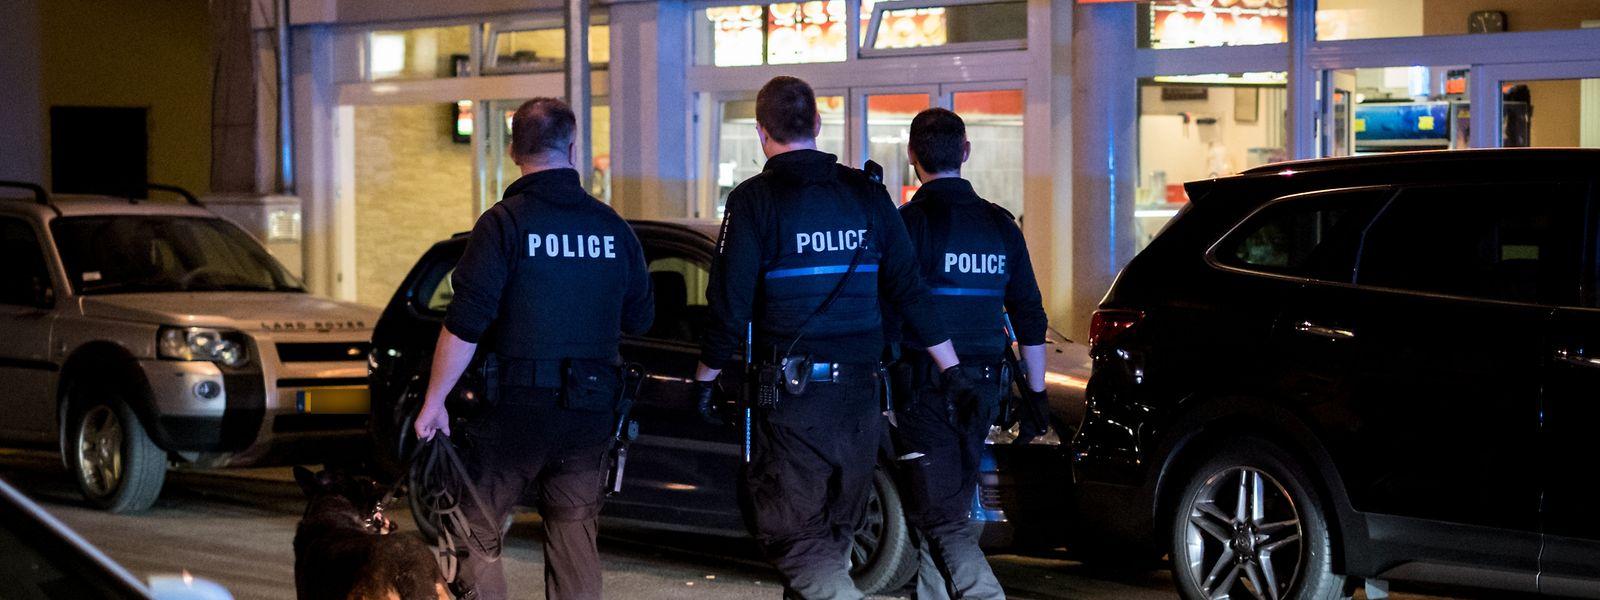 Im Bahnhofsviertel halten nicht nur uniformierte Polizisten Ausschau nach Dealern. Zivilbeamten wurden im Oktober 2019 Drogen angeboten.